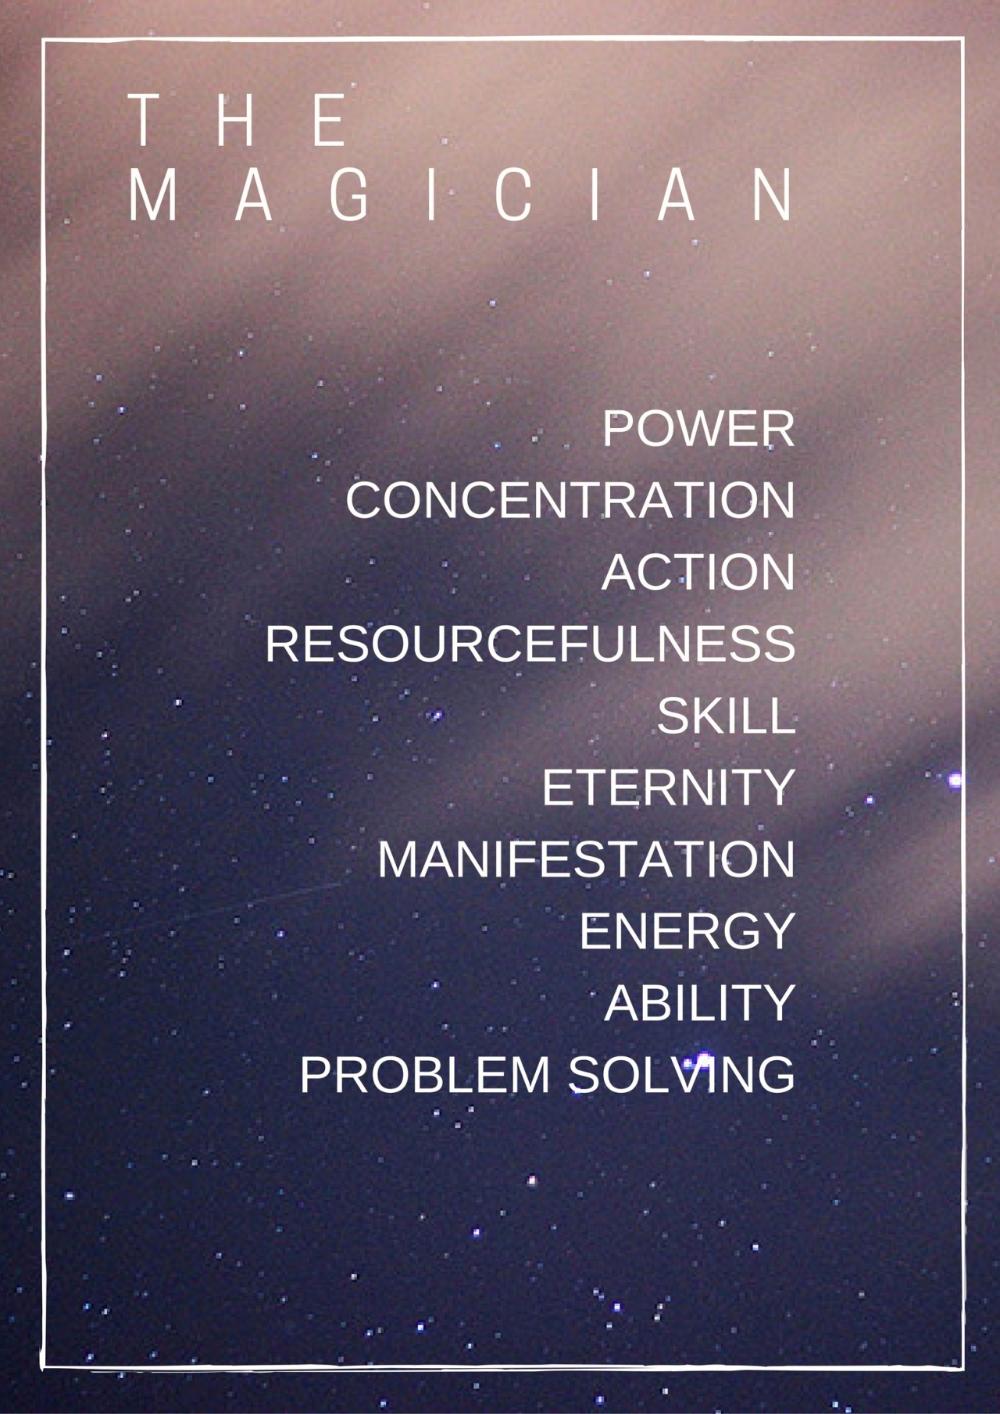 Tumblr in 2020 The magician tarot, The magicians, Tarot